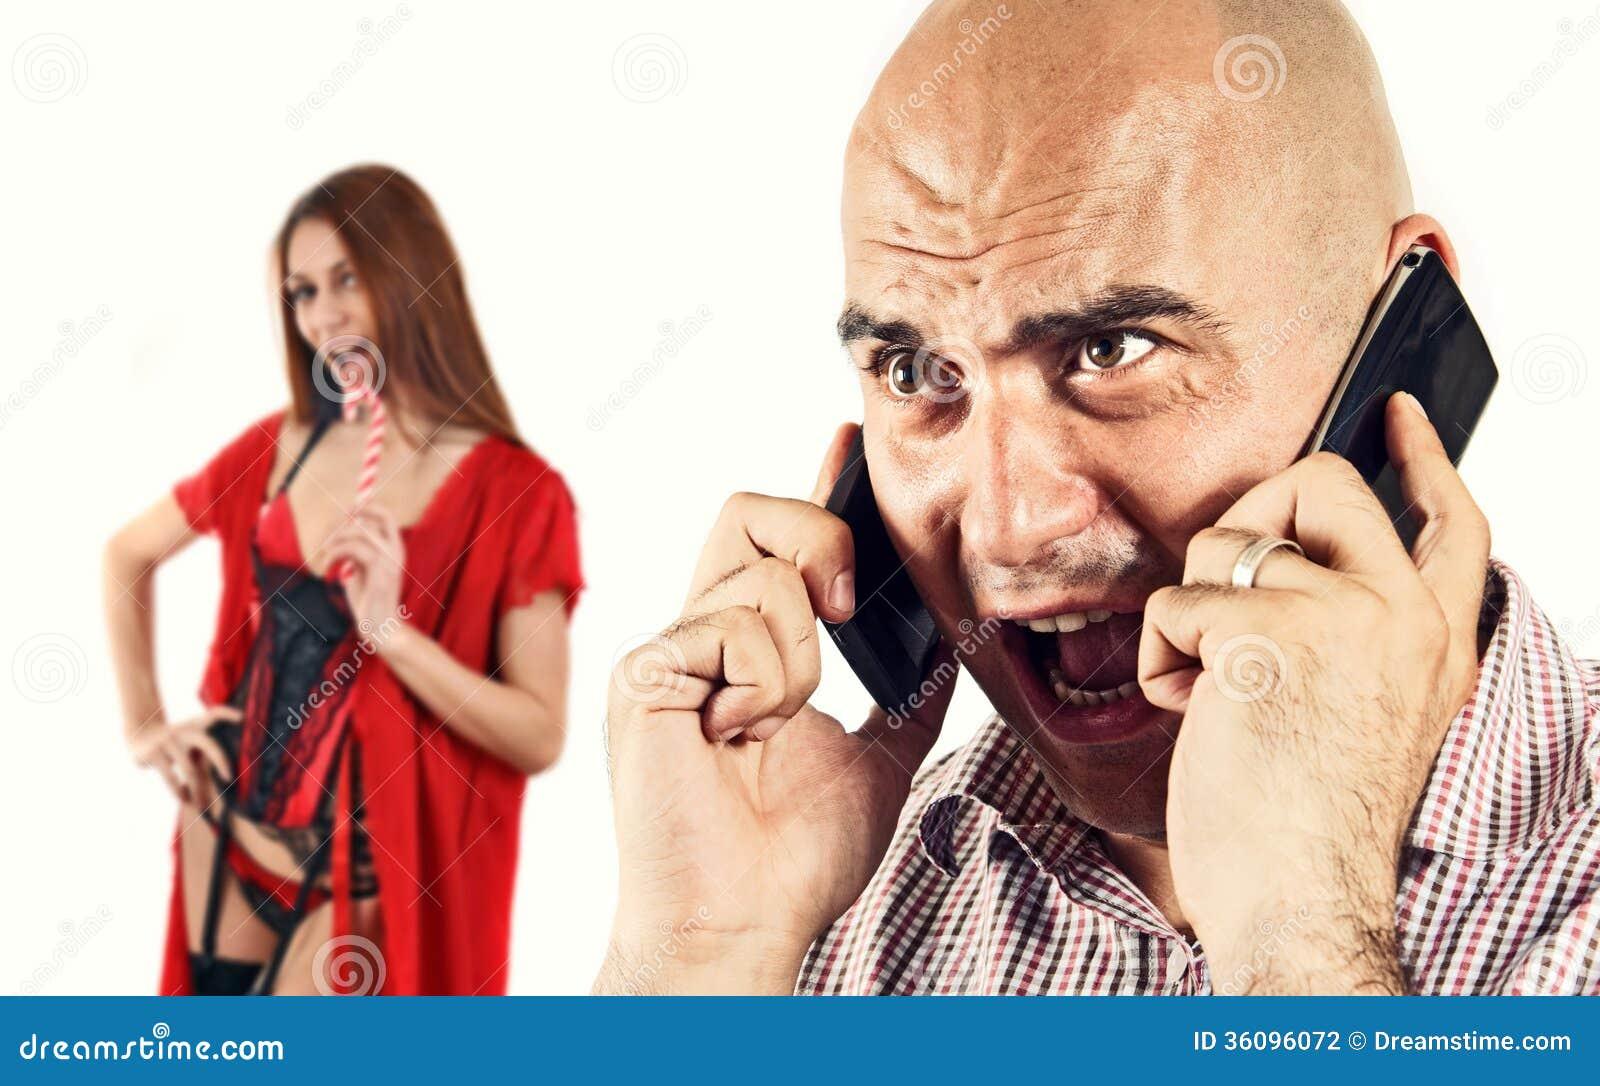 pourquoi l'homme ignore la femme